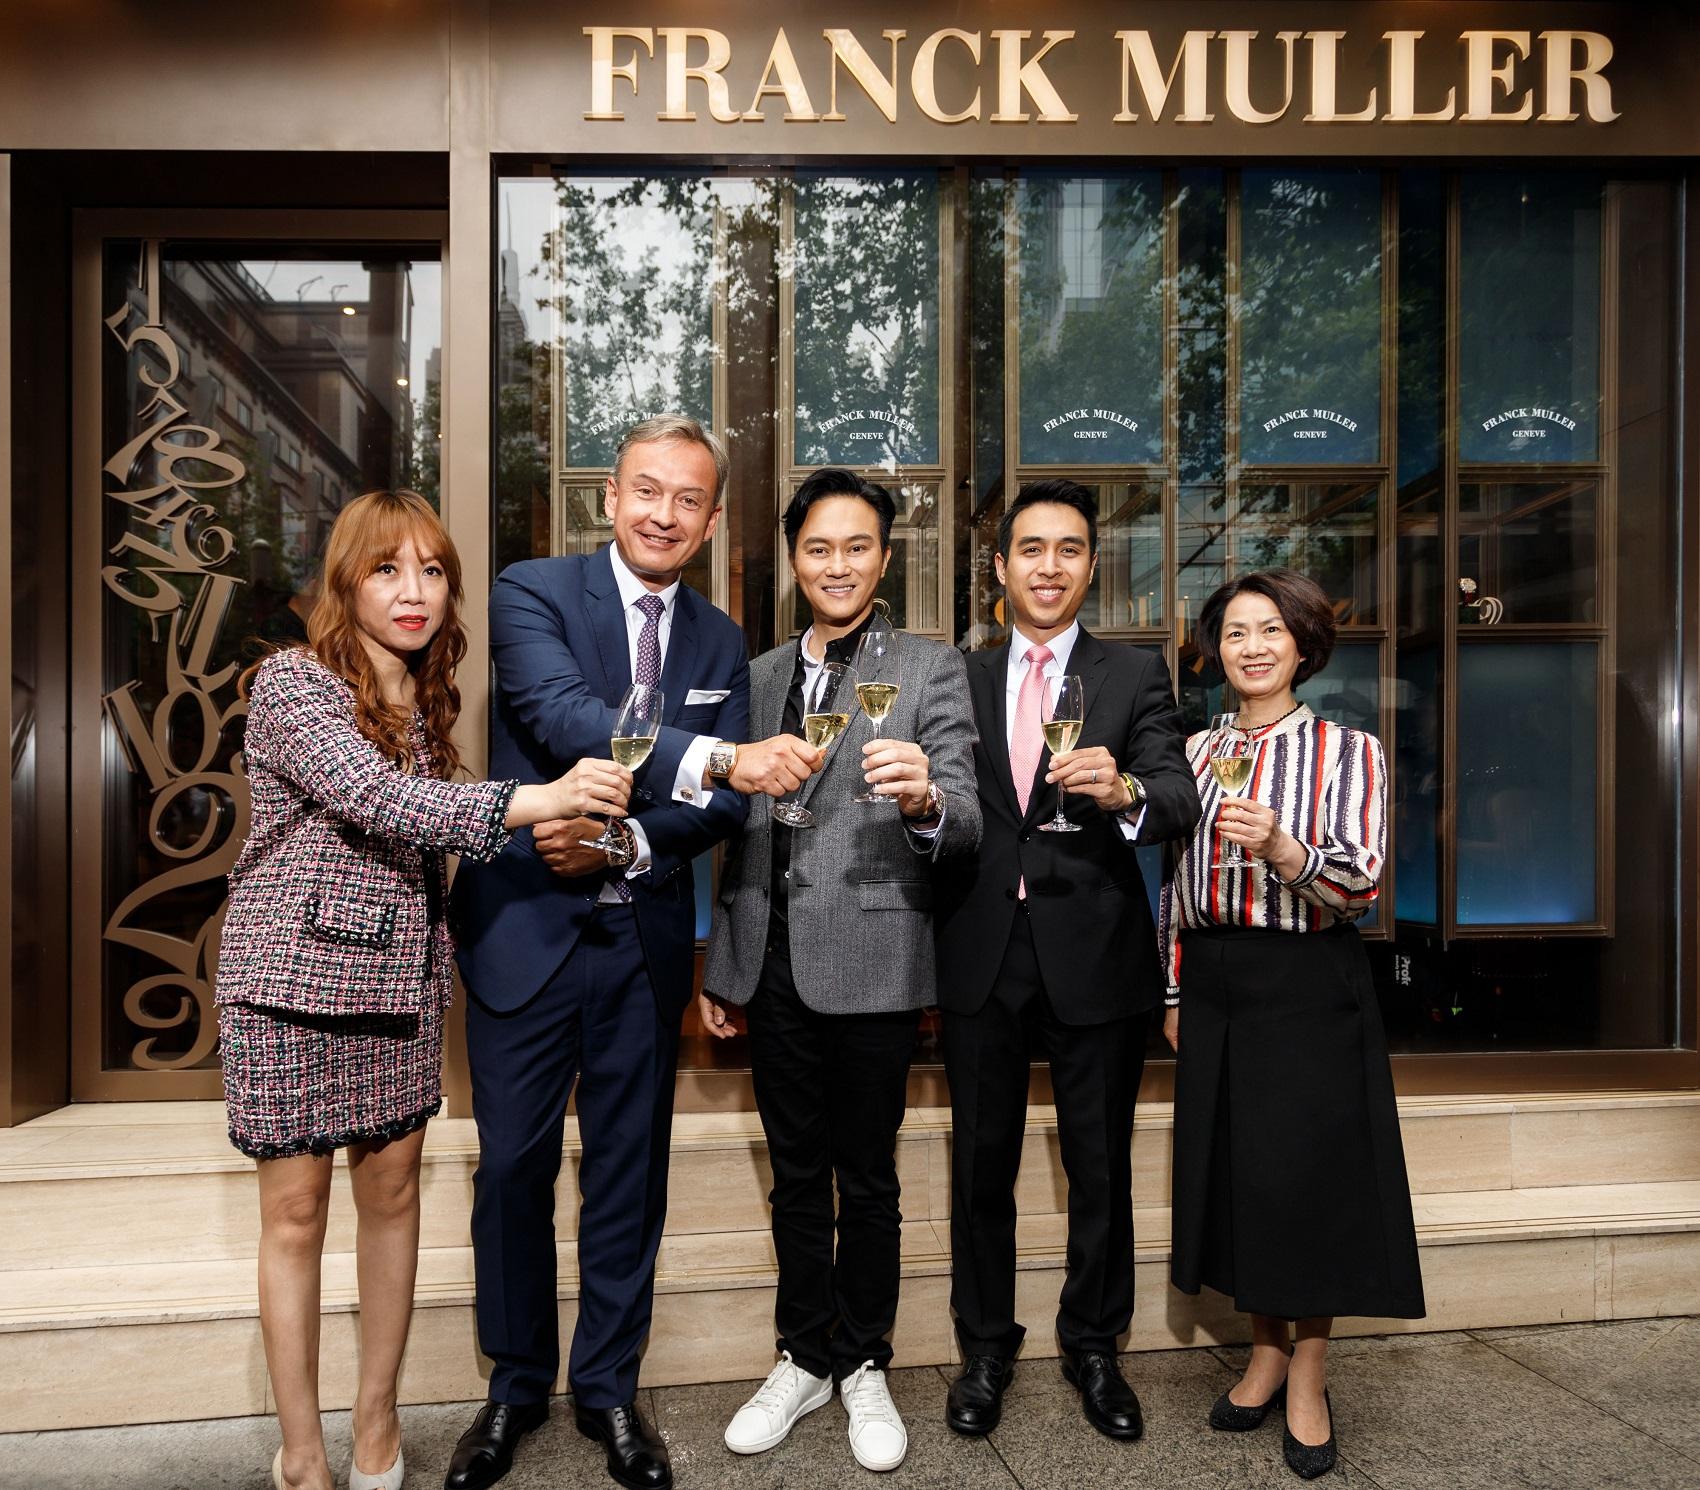 Franck Muller_Shanghai Nanjing West Road Boutique Opening_2.JPG